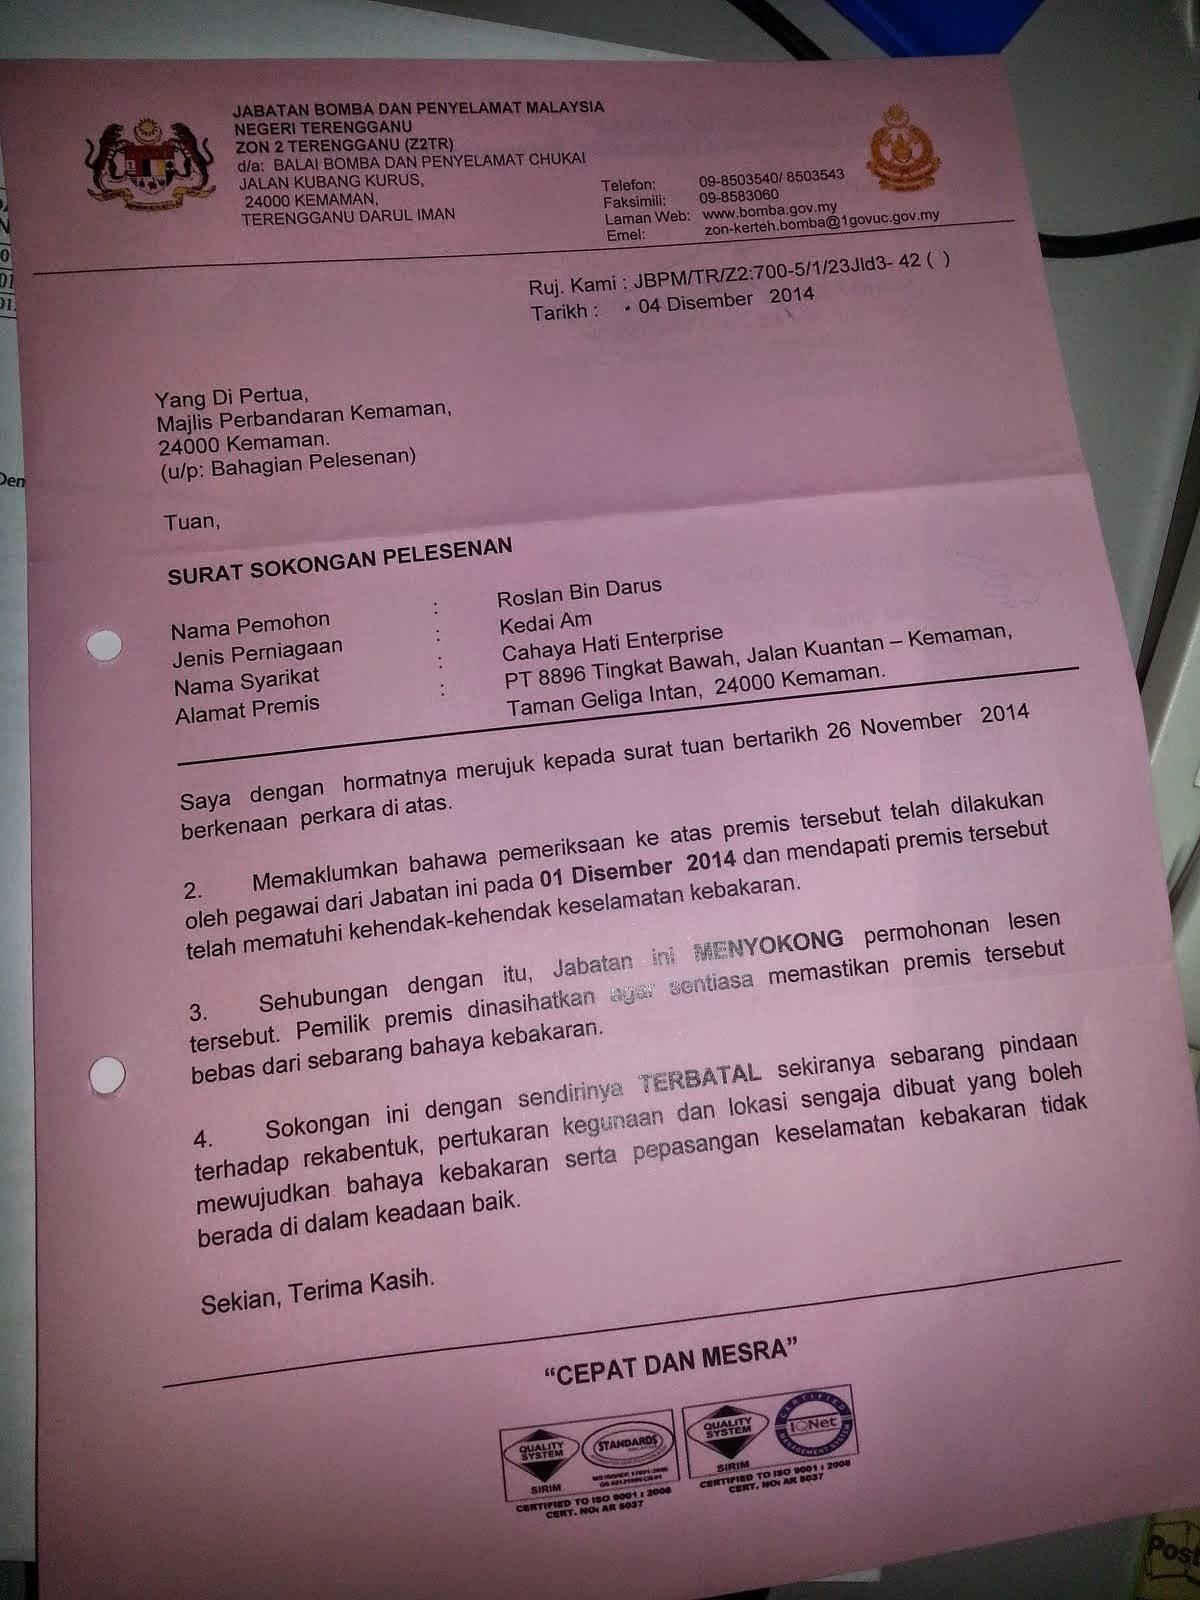 SIJIL BOMBA DAN PENYELAMAT MALAYSIA